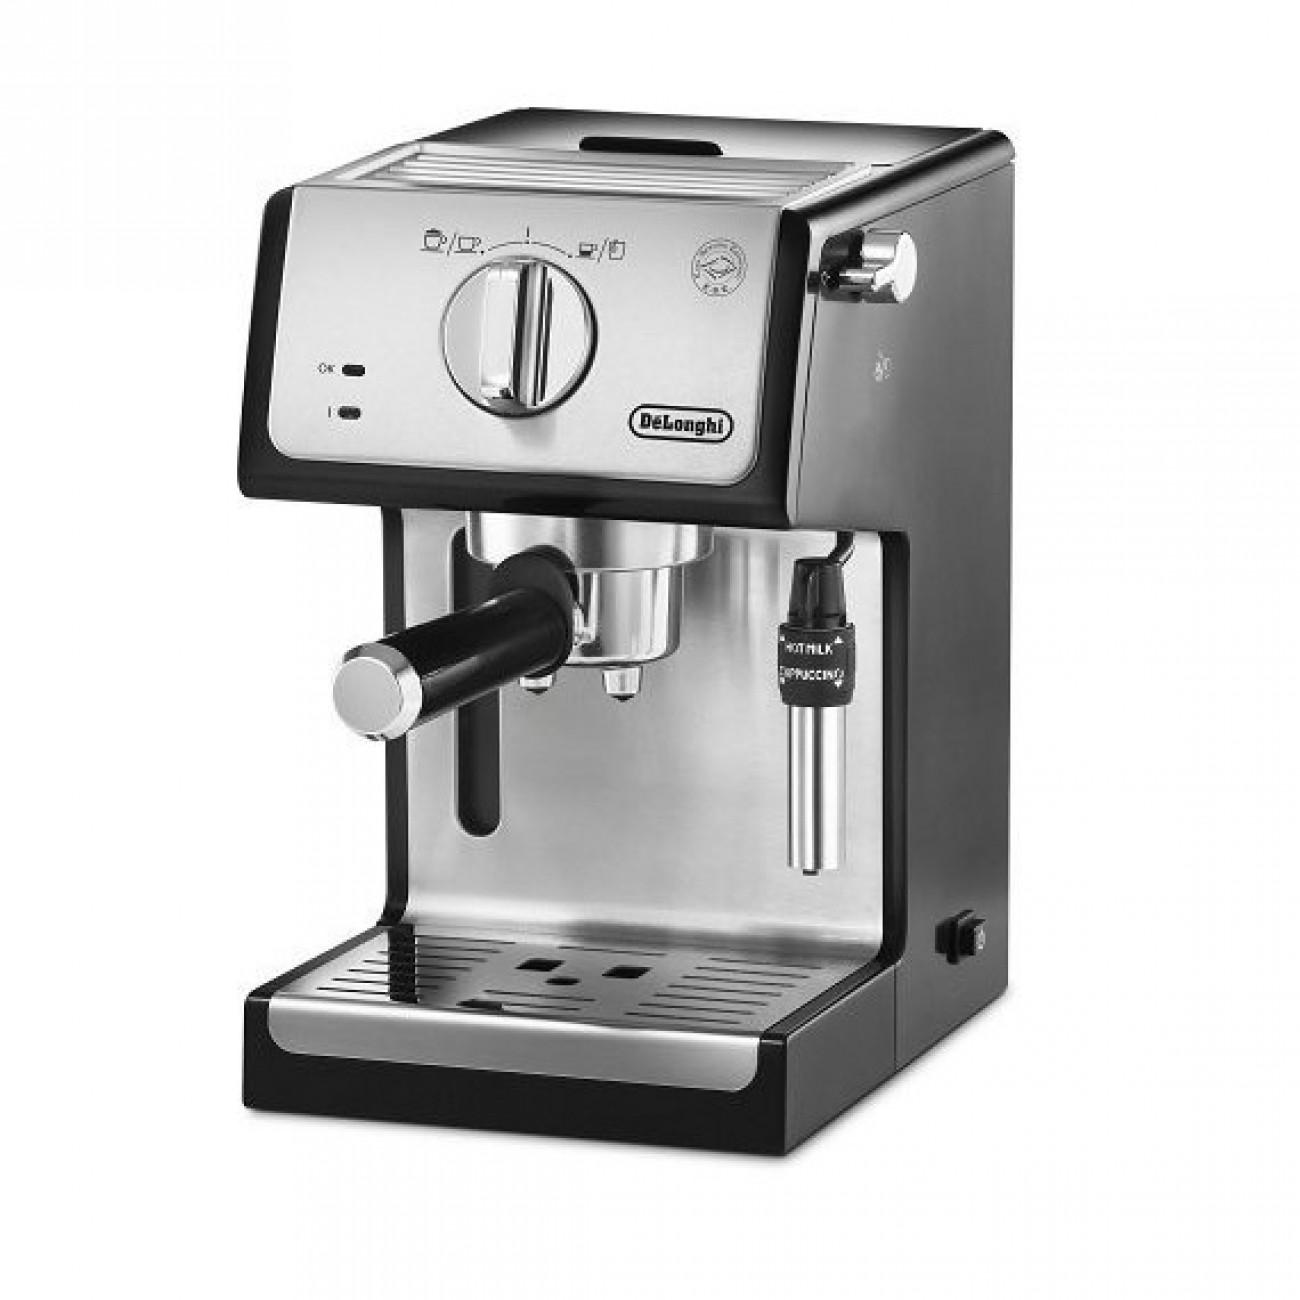 Кафемашина Delonghi ECP 35.31 в Еспресо машини - DeLonghi | Alleop